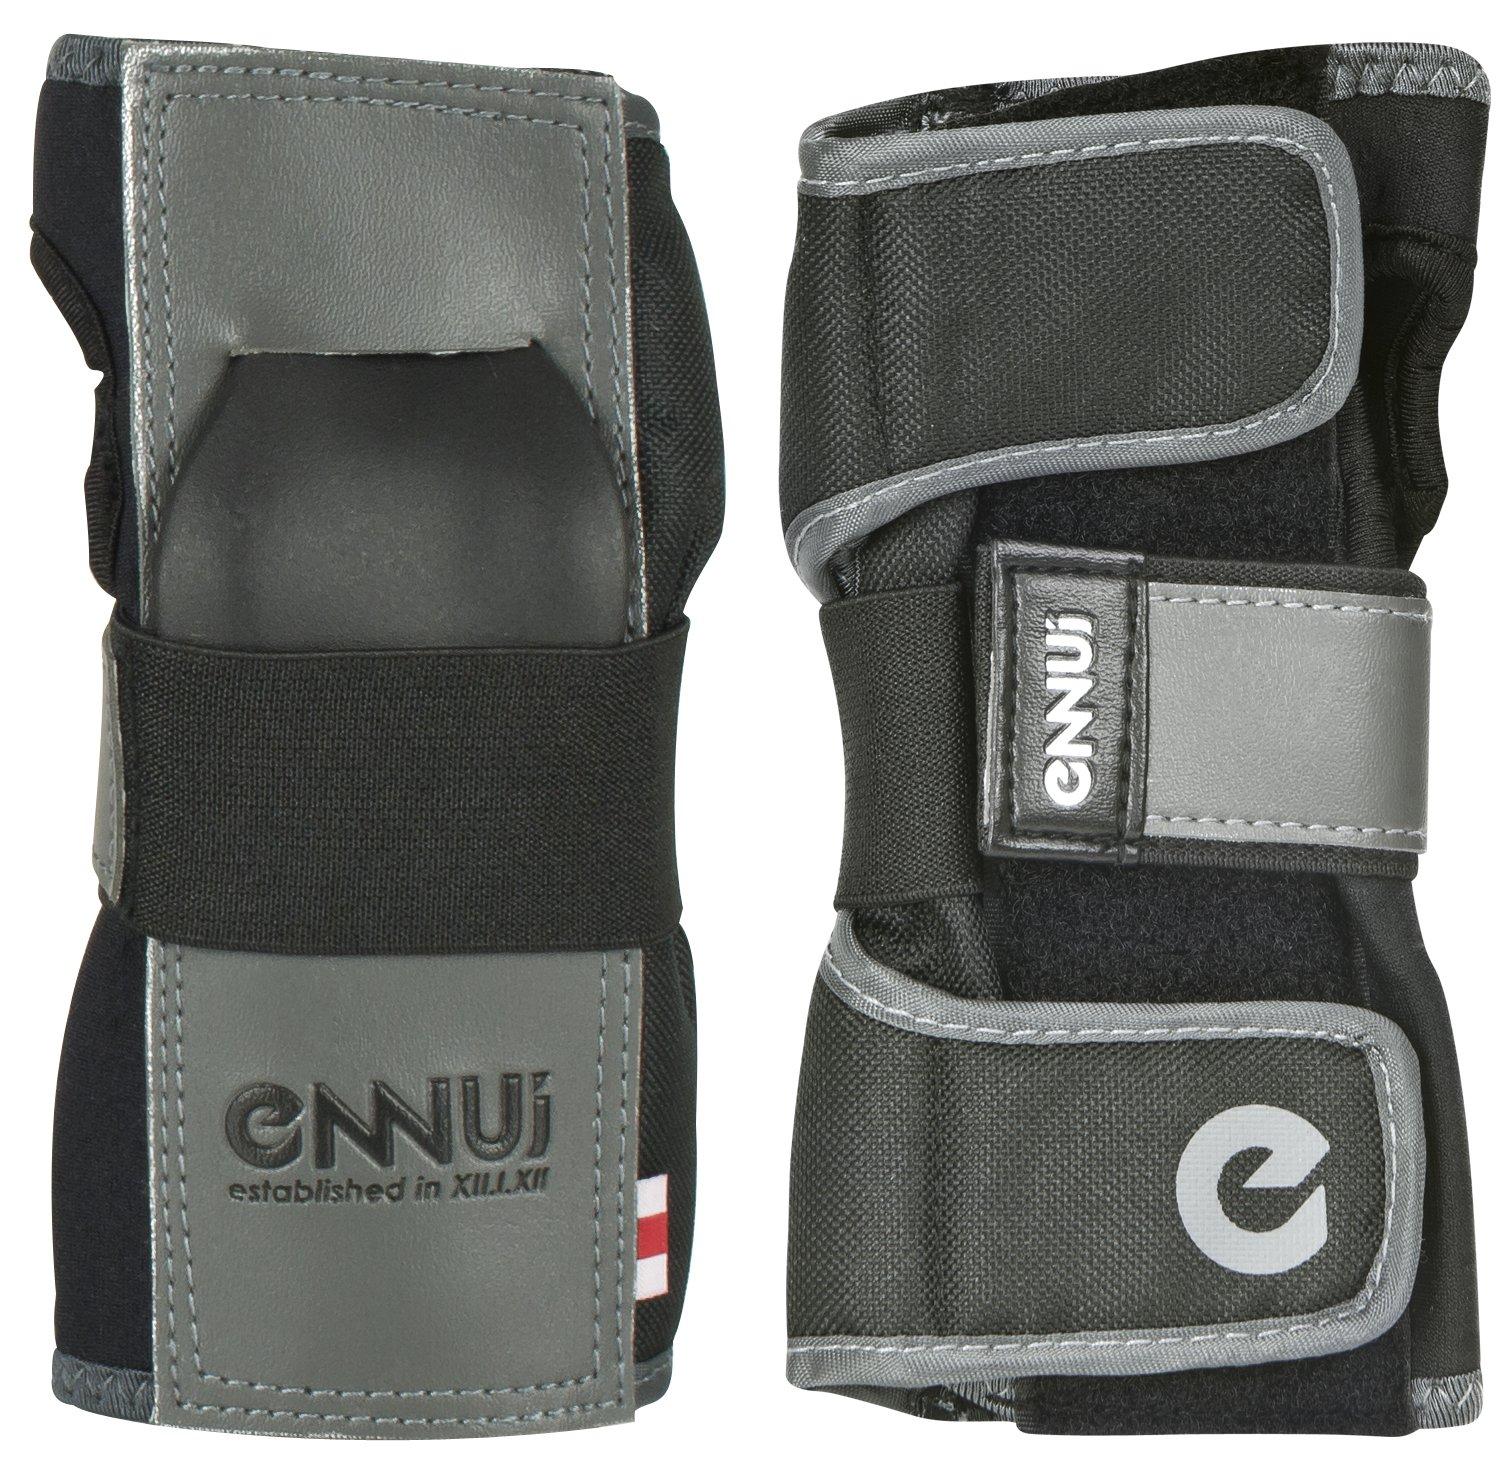 Ennui Street Wristguard MD by Ennui